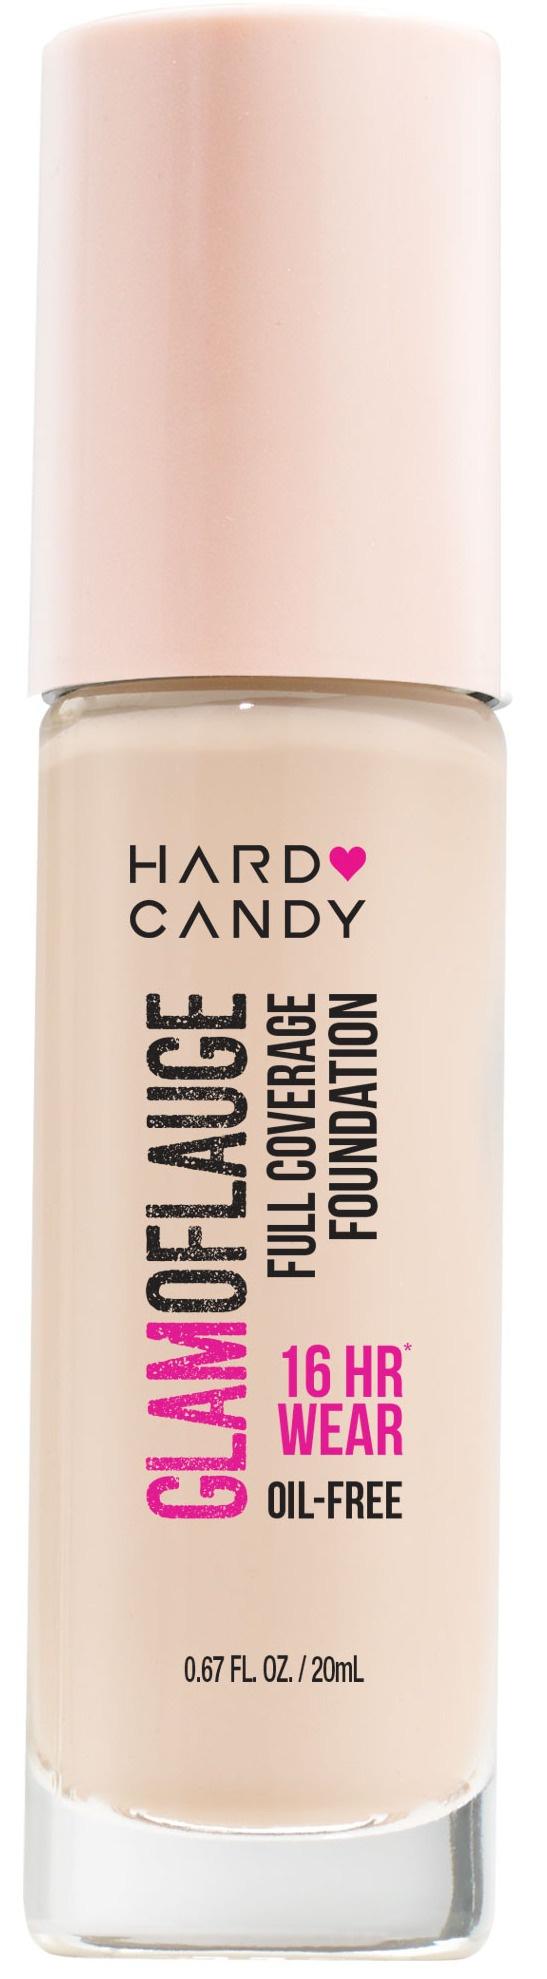 Hard Candy Glamoflauge Full Coverage Foundation